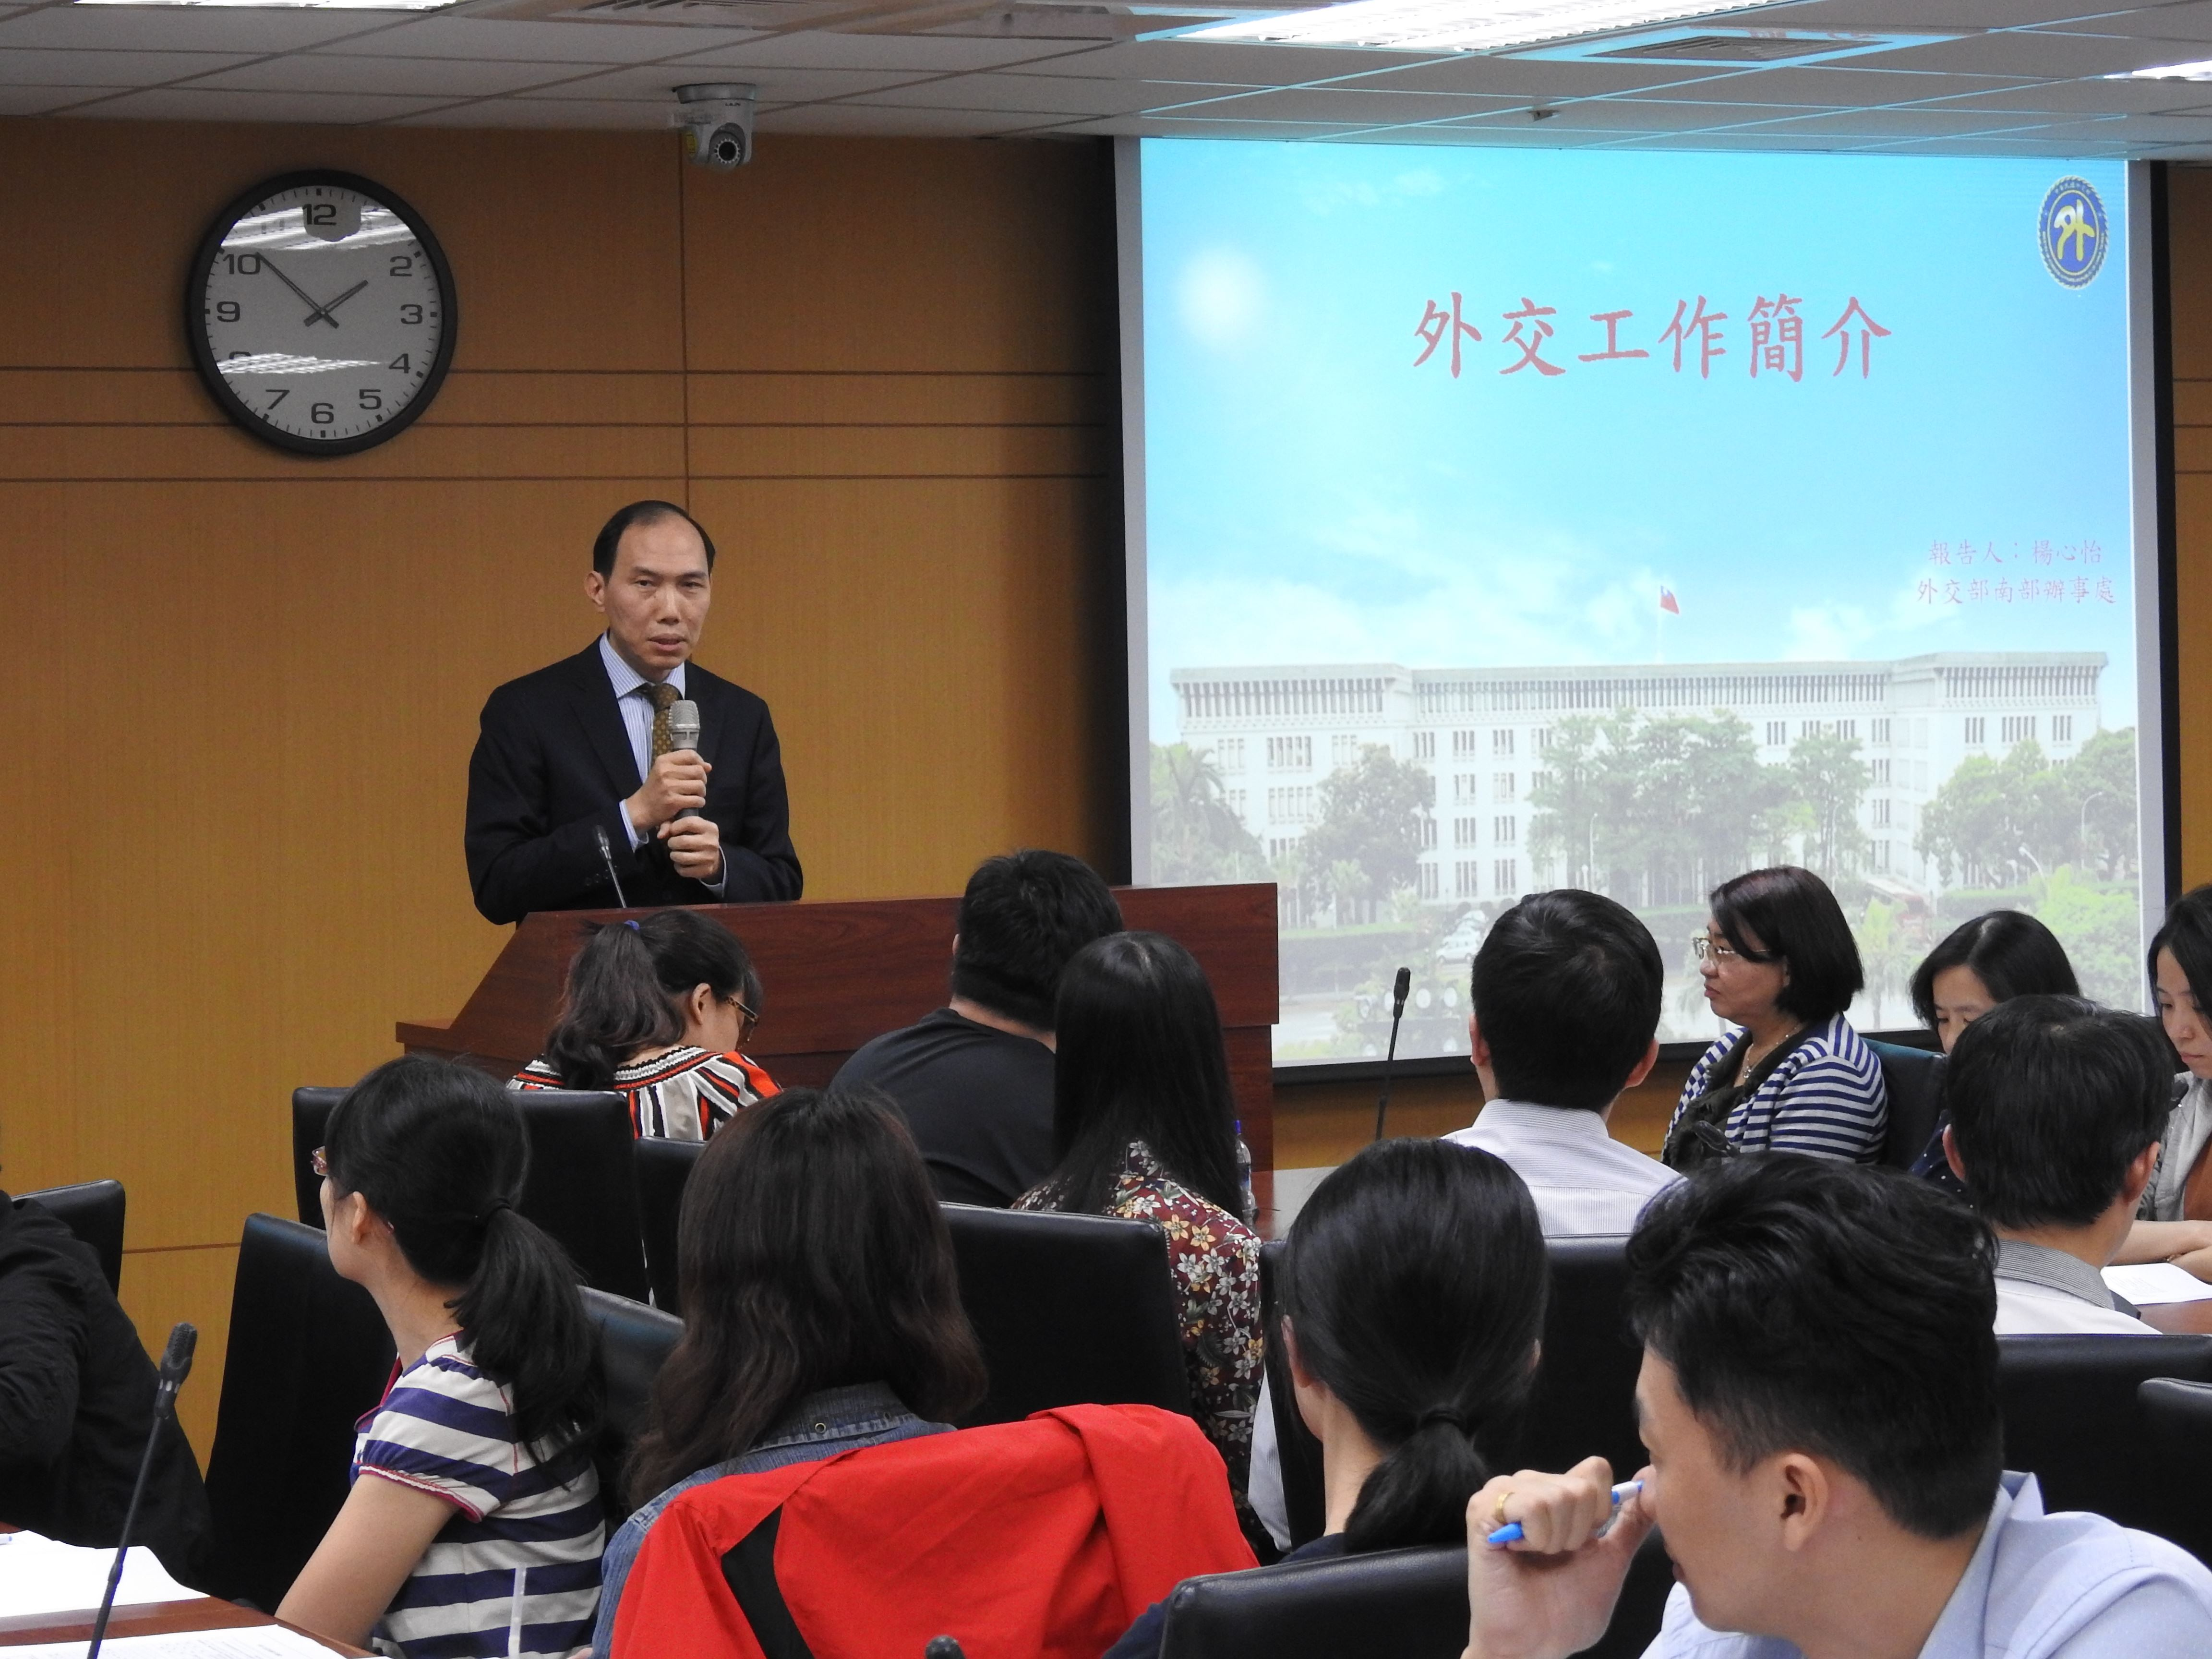 外交部南部辦事處楊心怡處長以近30年駐外經歷介紹台灣在國際的外交工作及成果。.jpg